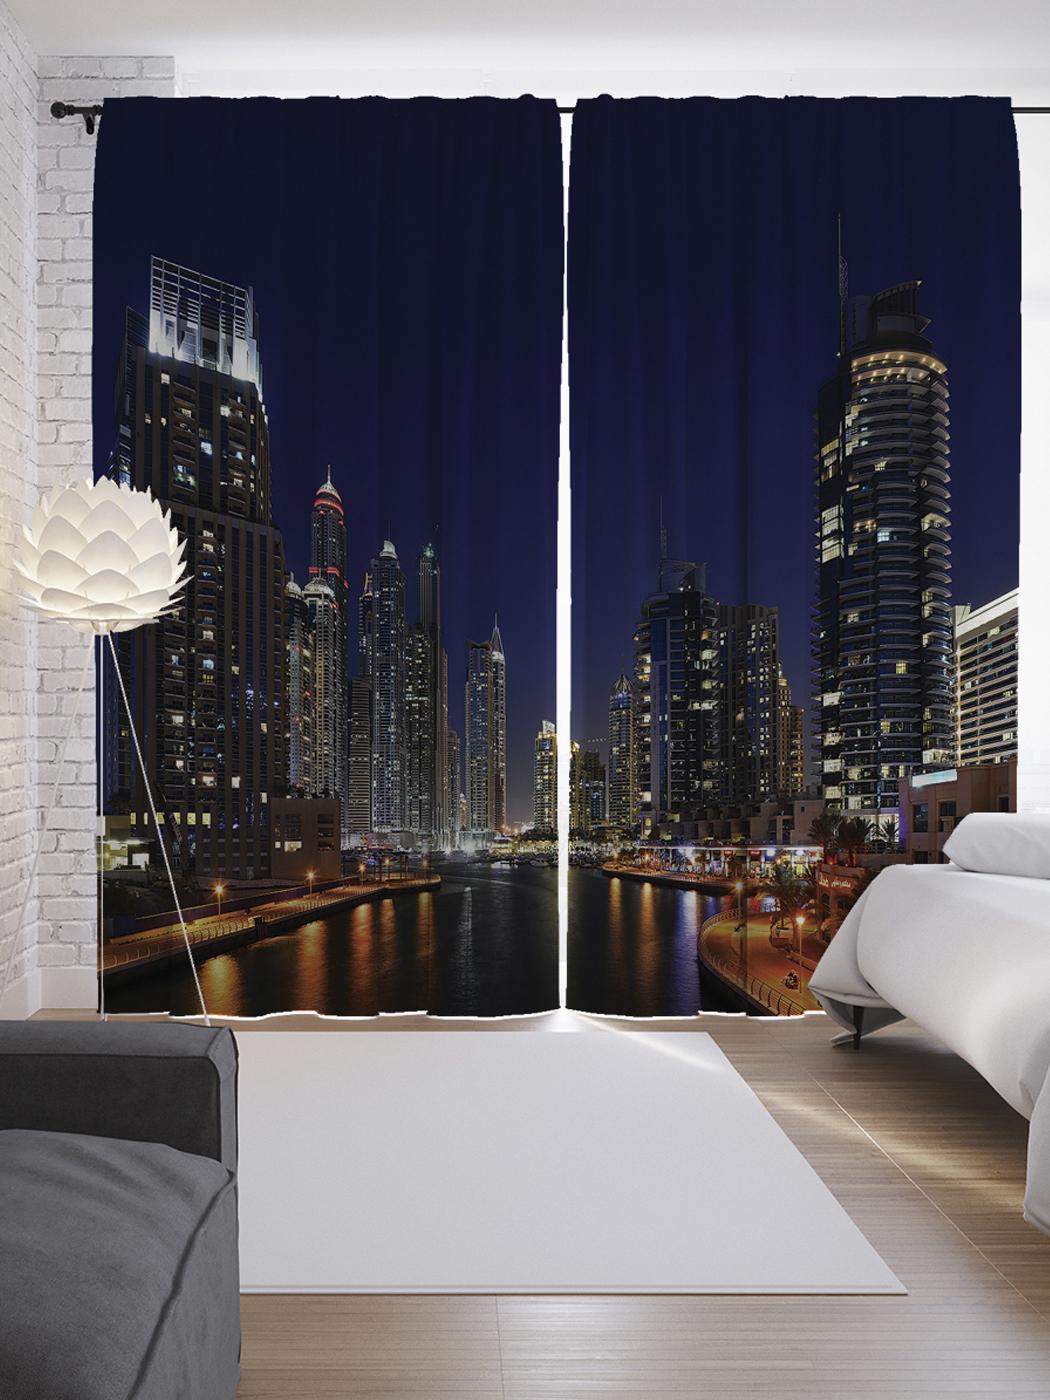 индивидуальный жалюзи ночной город в спальню фото воздух